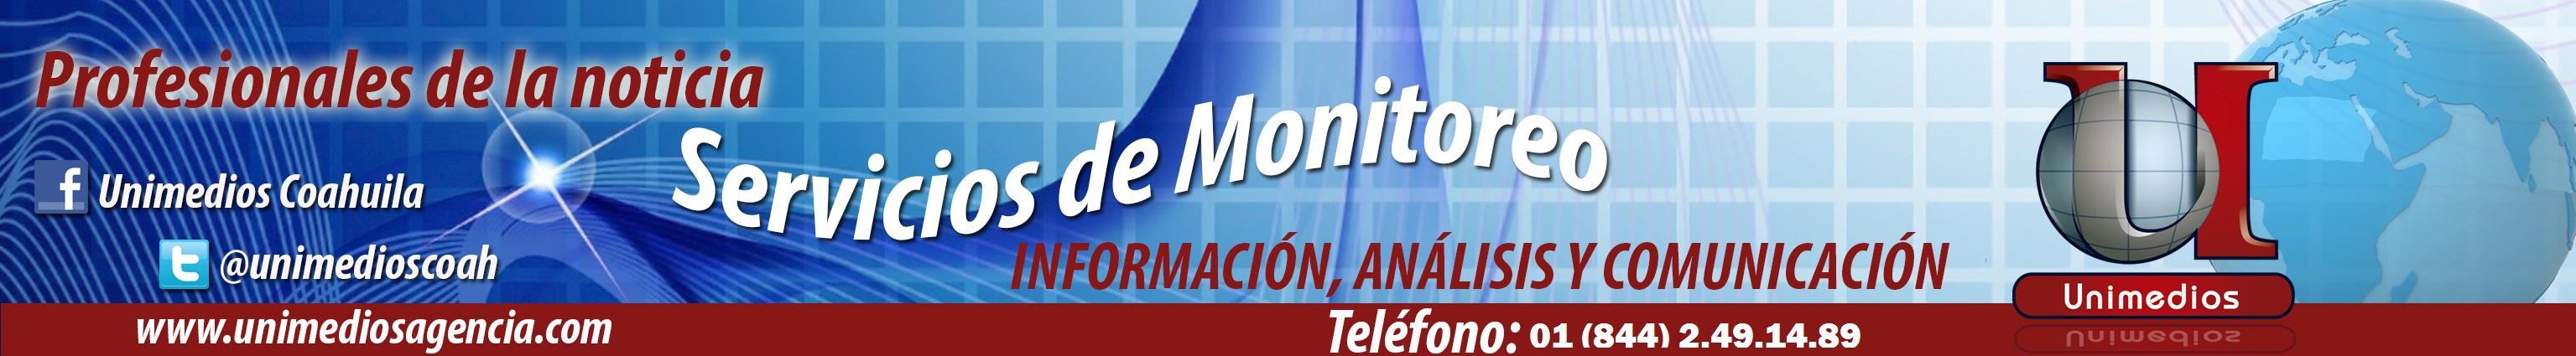 MEMBRETE MONITOREO